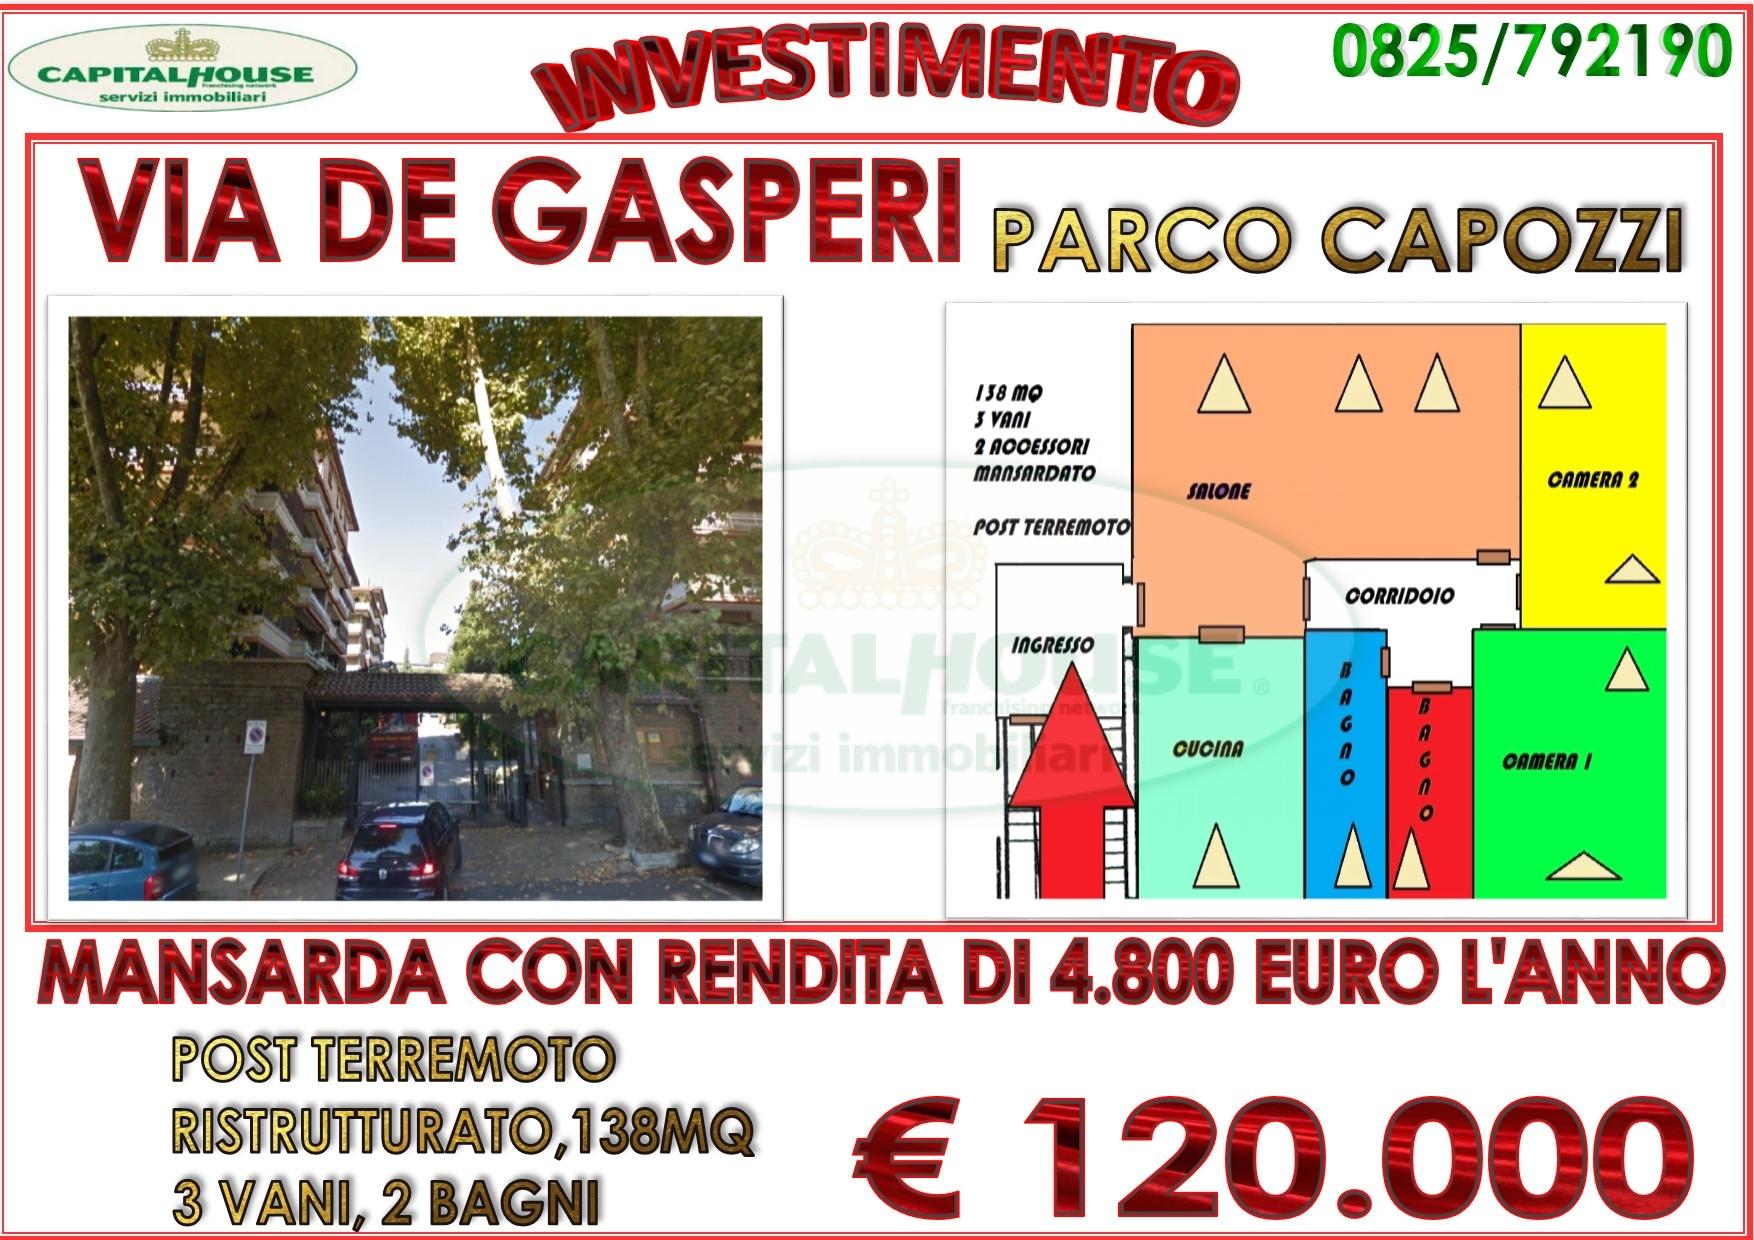 Attico / Mansarda in vendita a Avellino, 3 locali, zona Località: ContradaPenniniViaAlcidedeGasperi, prezzo € 120.000   CambioCasa.it